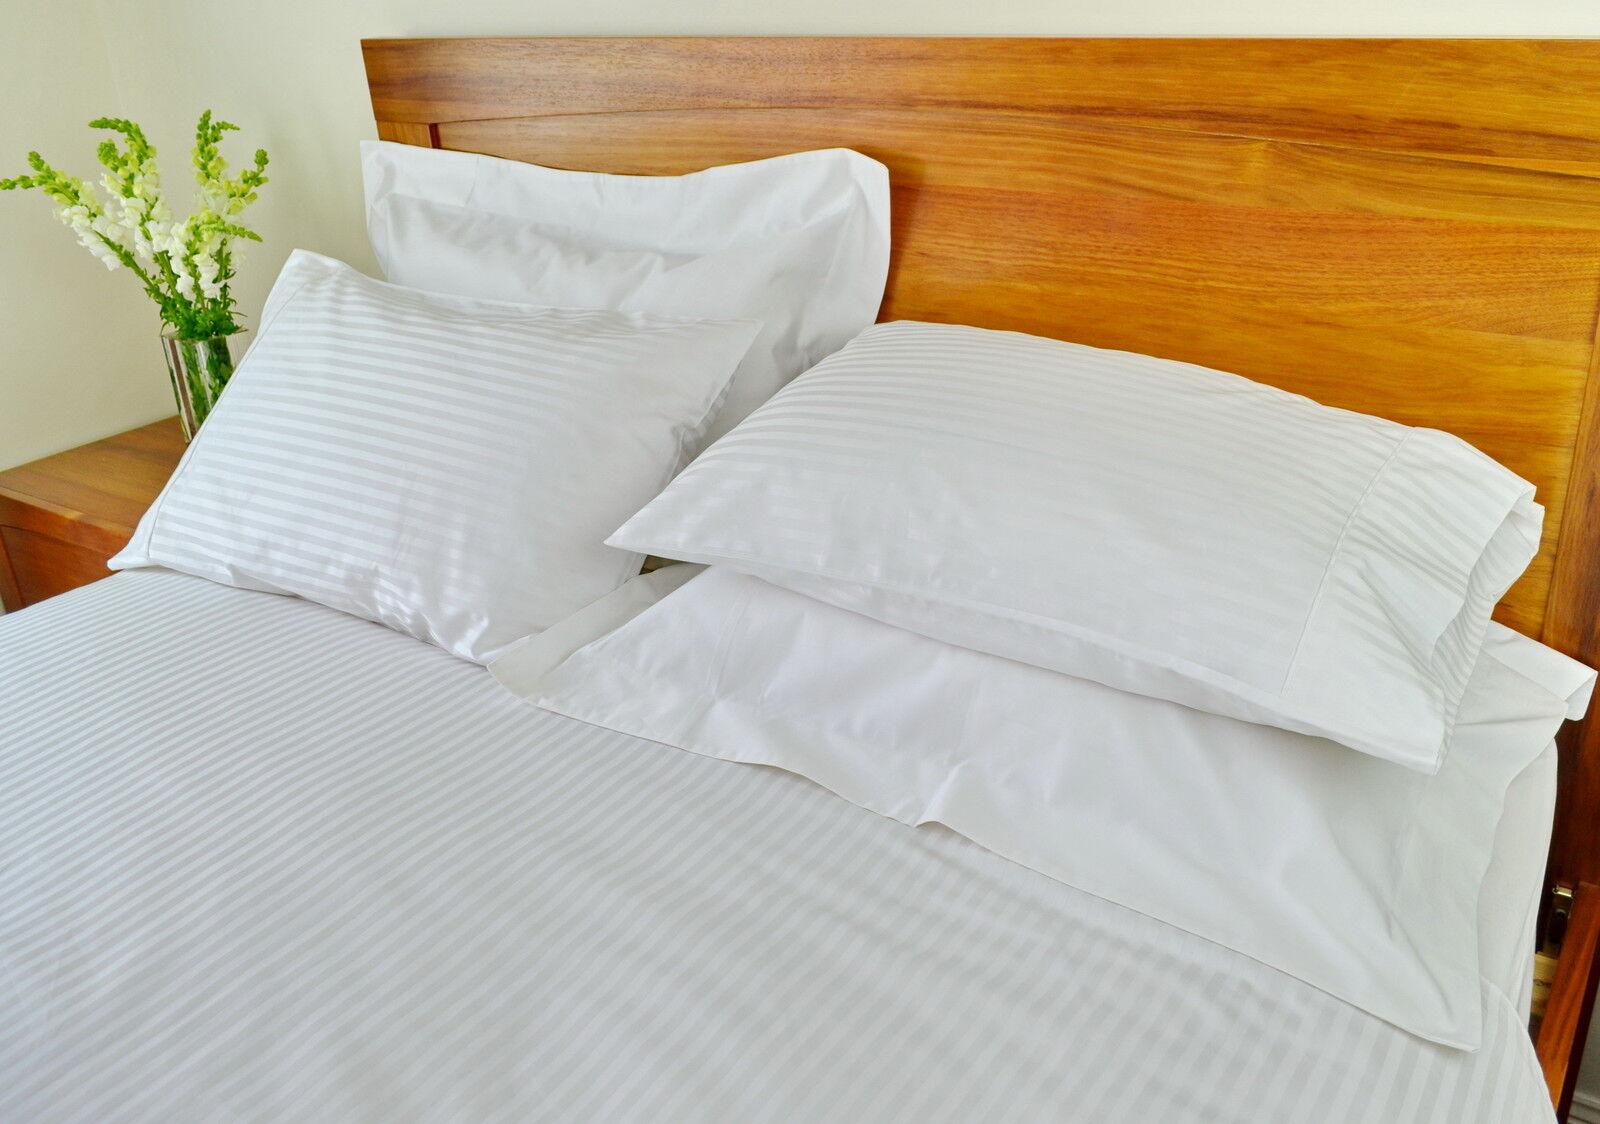 Double Bed Quilt Duvet Cover 1000TC 10cm2 Pure Cotton White Stripe